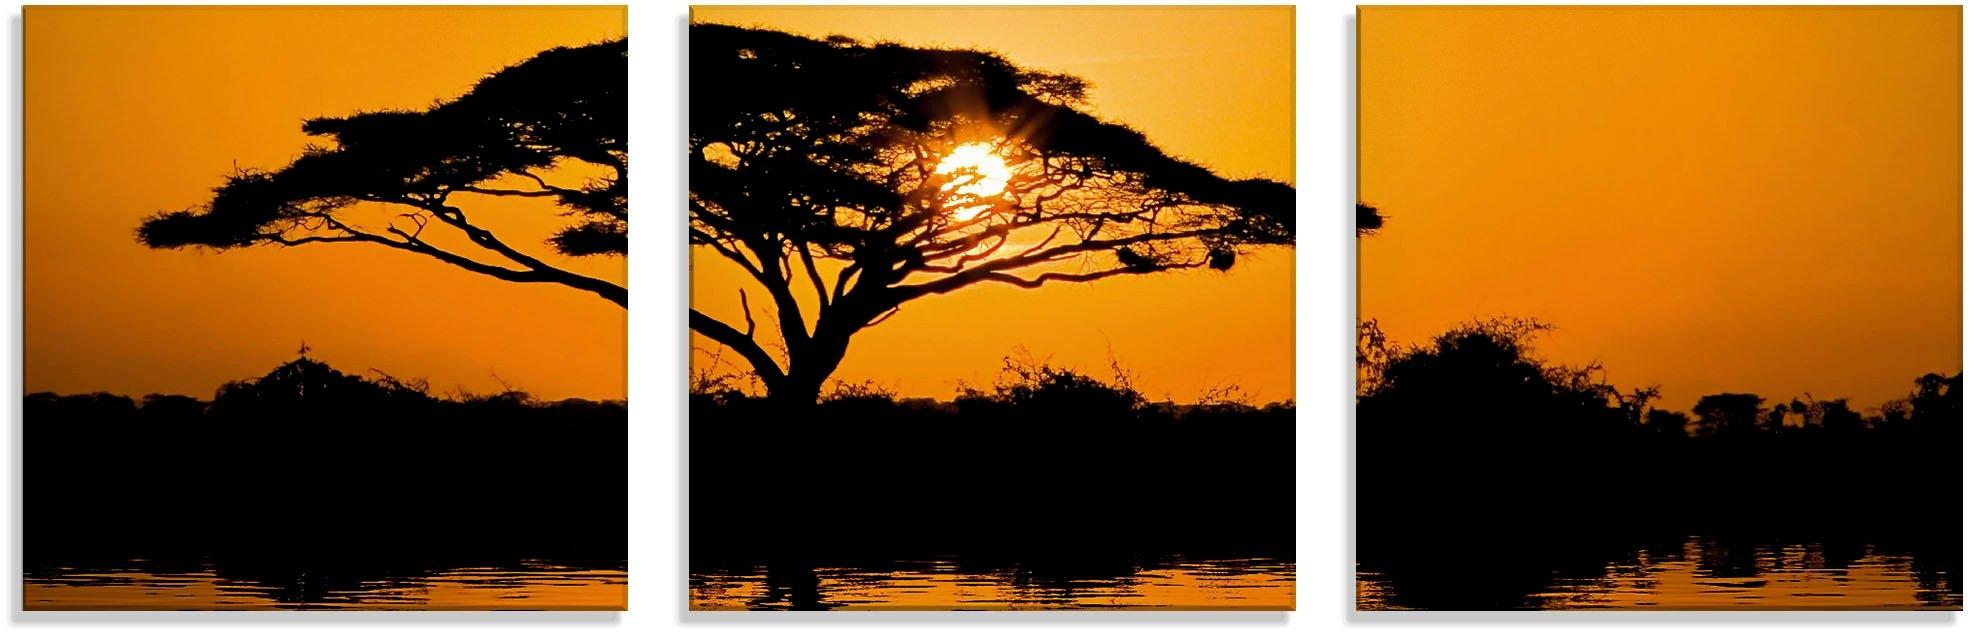 Artland print op glas Acaciaboom bij zonsopkomst (3 stuks) veilig op otto.nl kopen